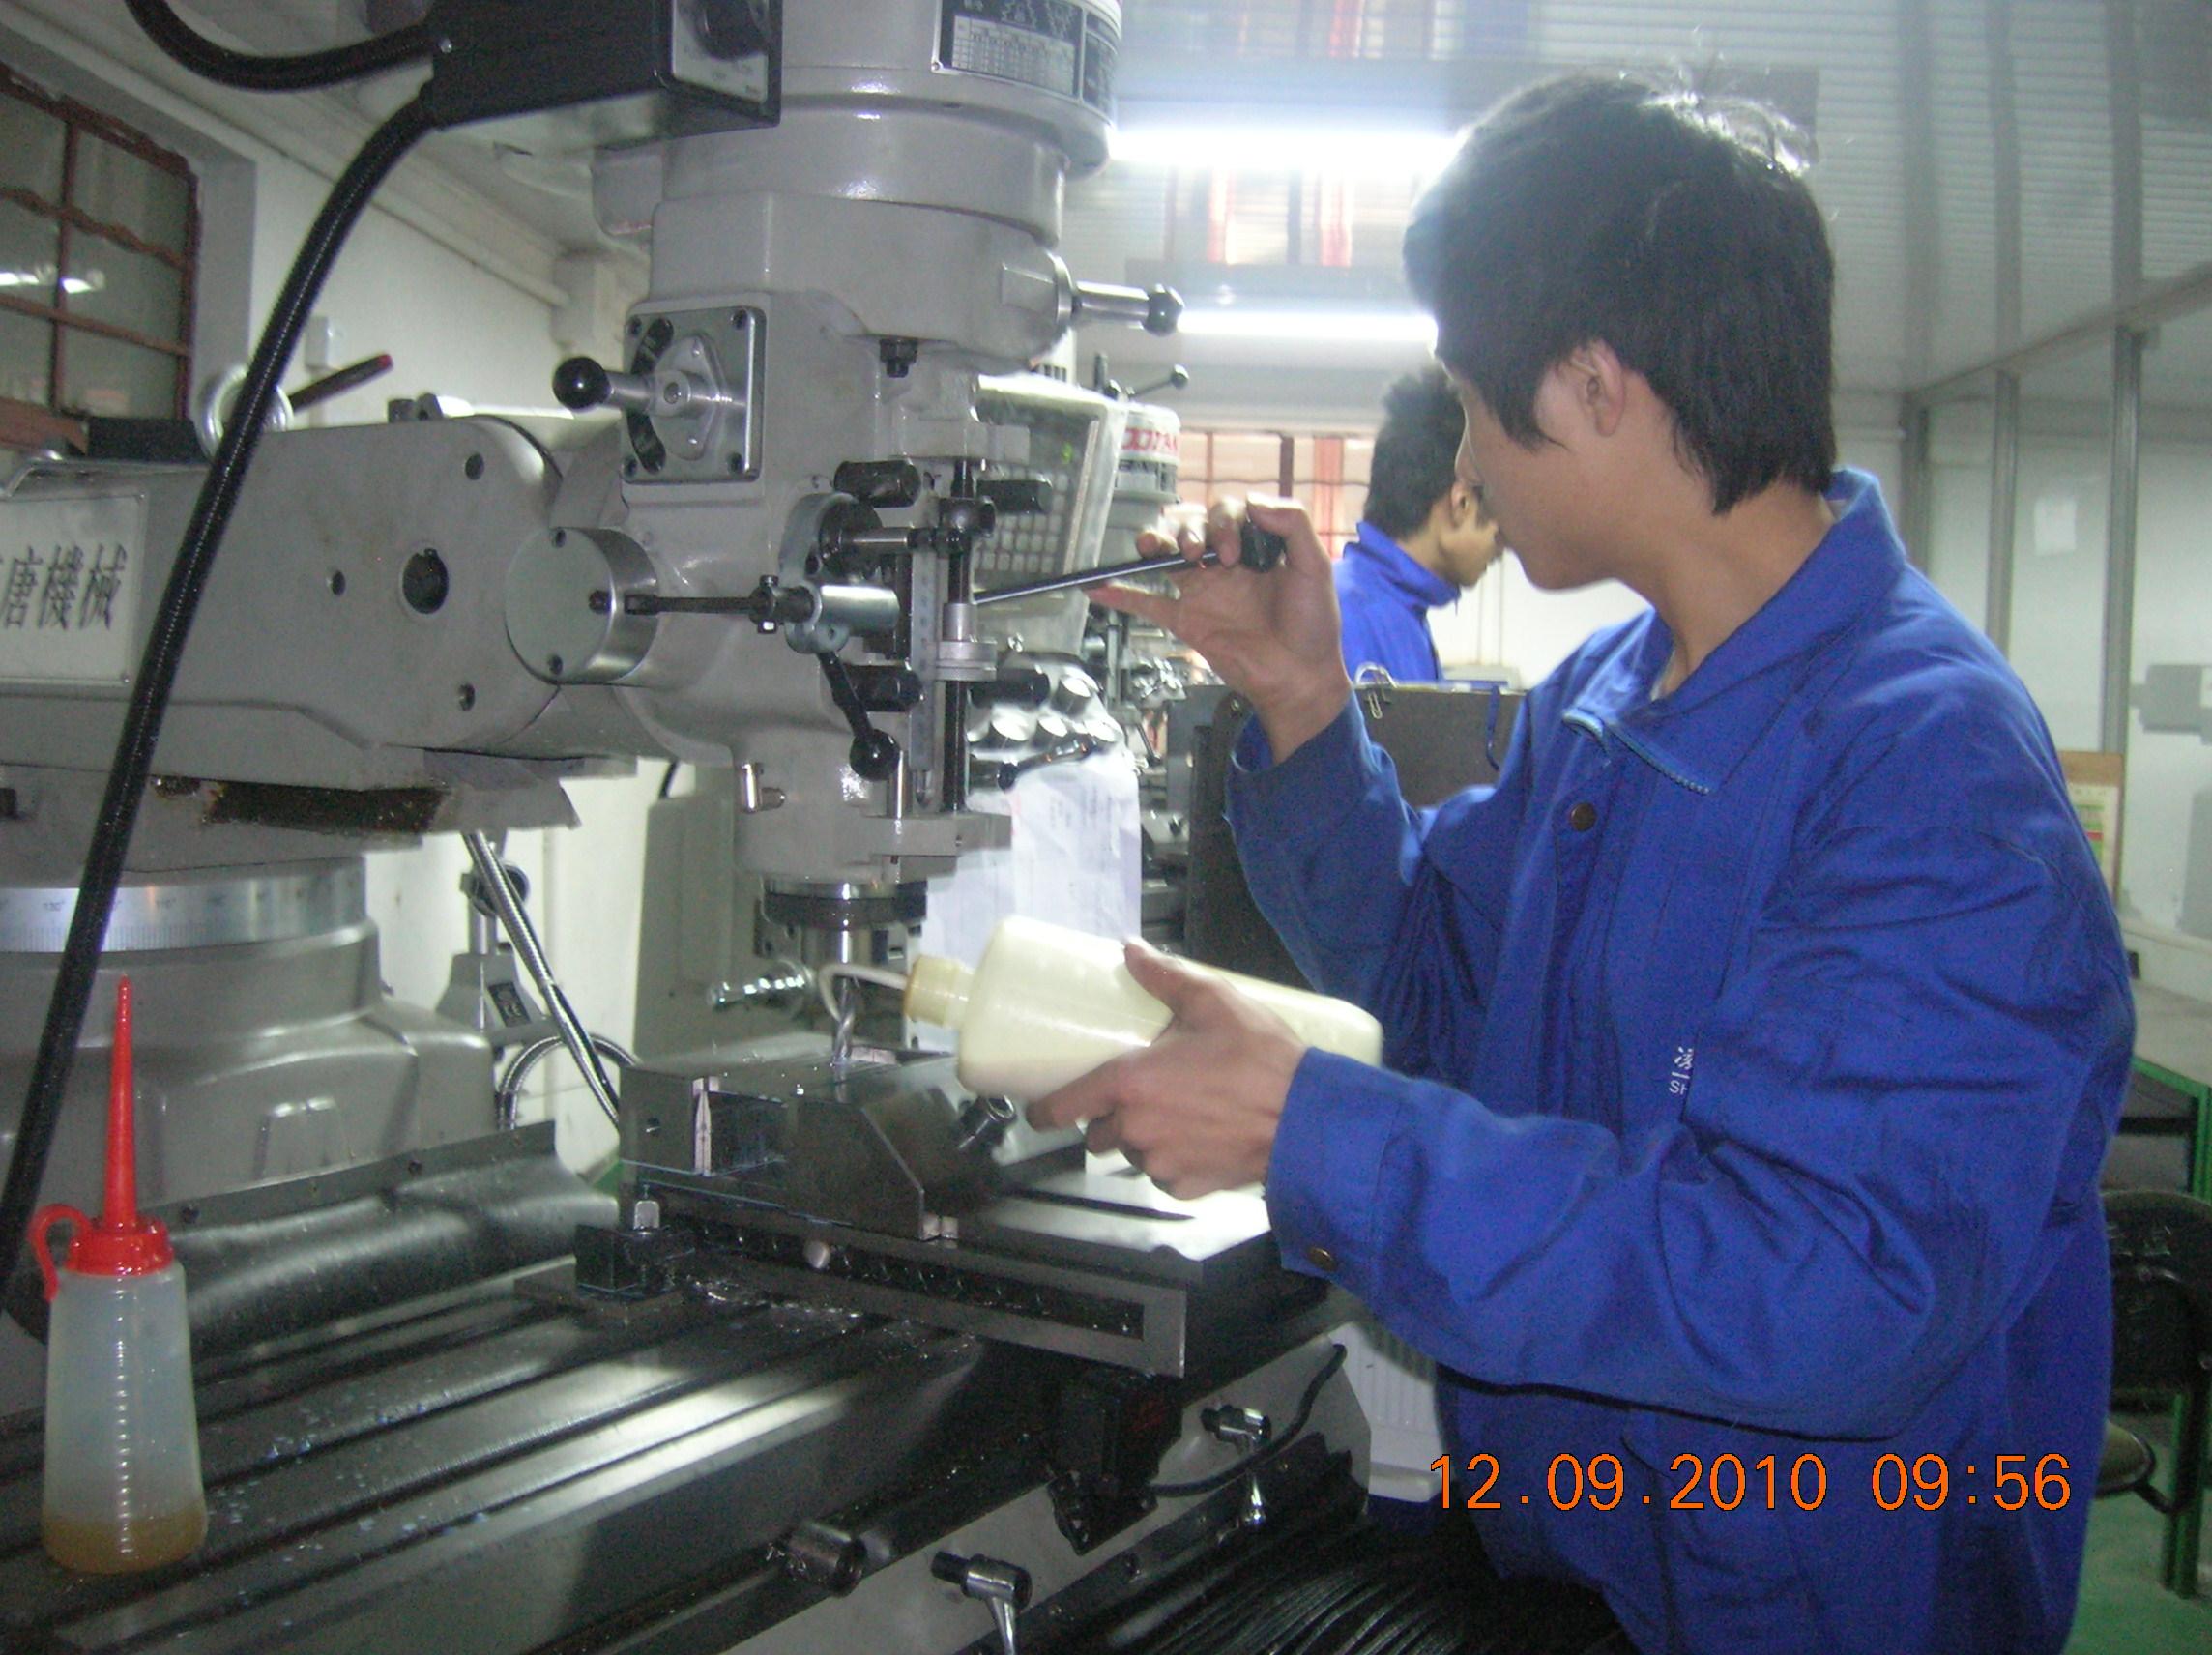 DSCN9079.JPG